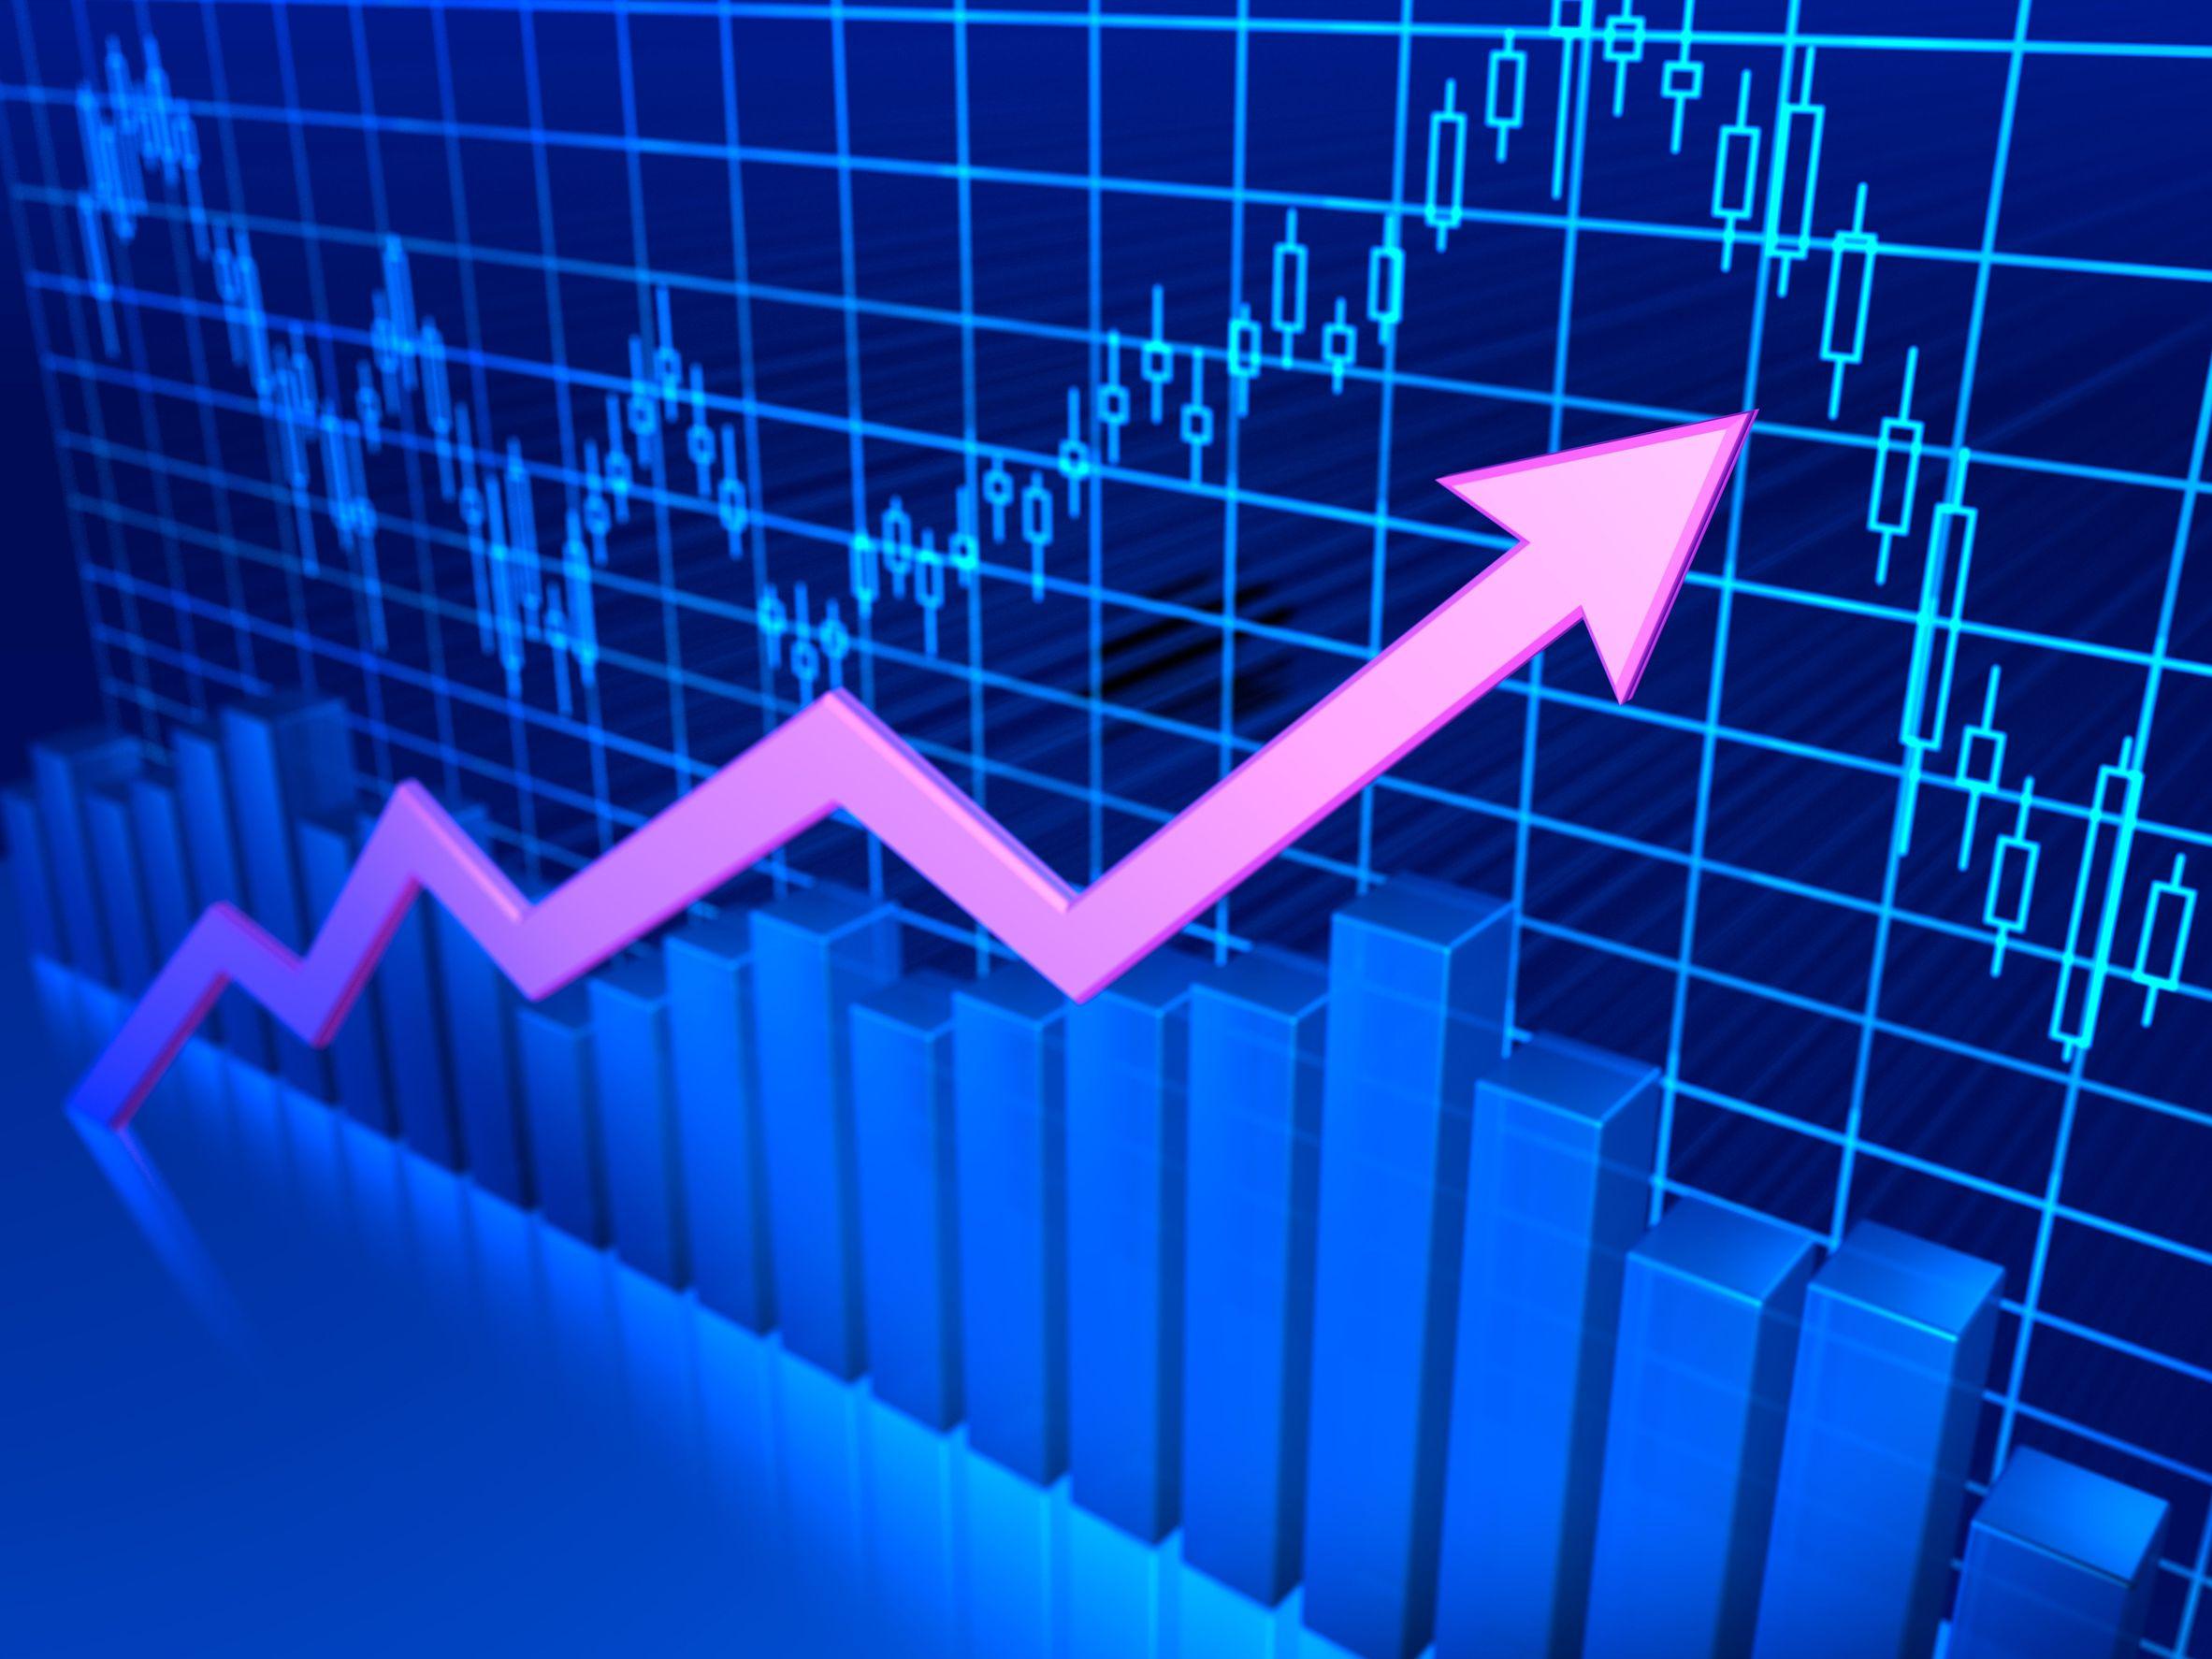 [Übersicht] Aktien, ETFs, Fonds und Zertifikate: eine Auswahl von Depots mit Kosten und Prämien